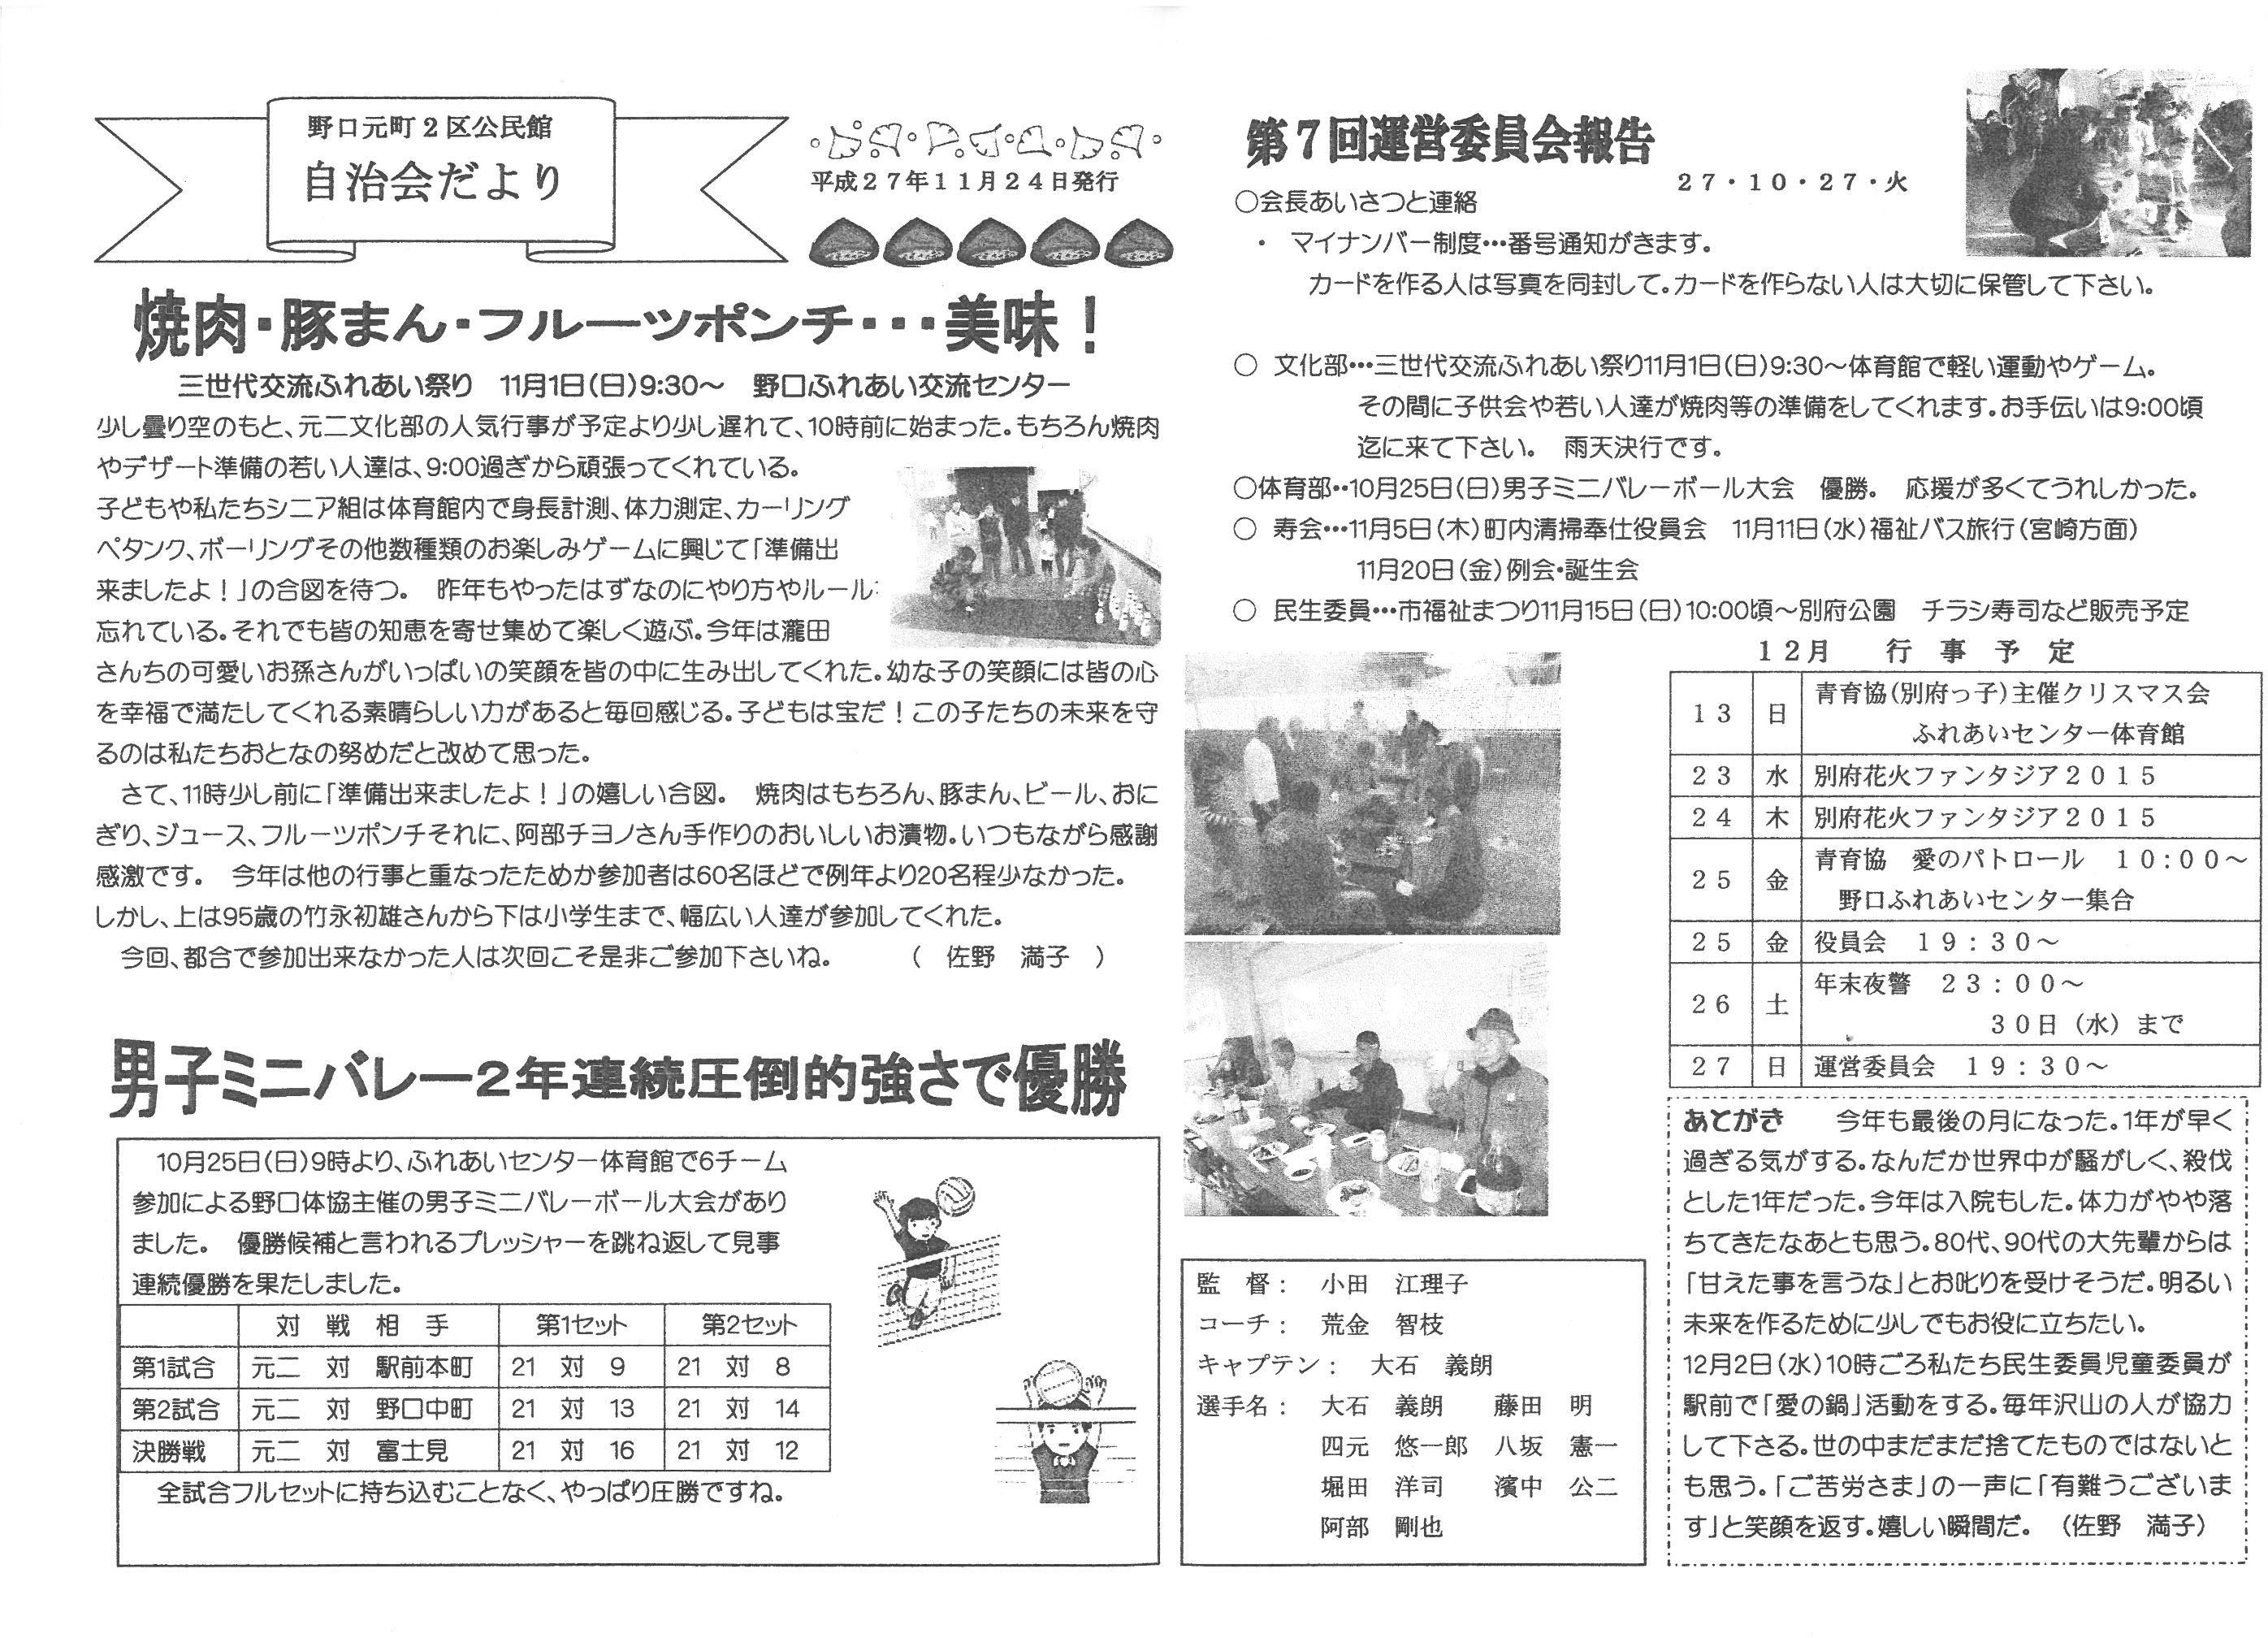 noguchimotomachi2ku_2015_12